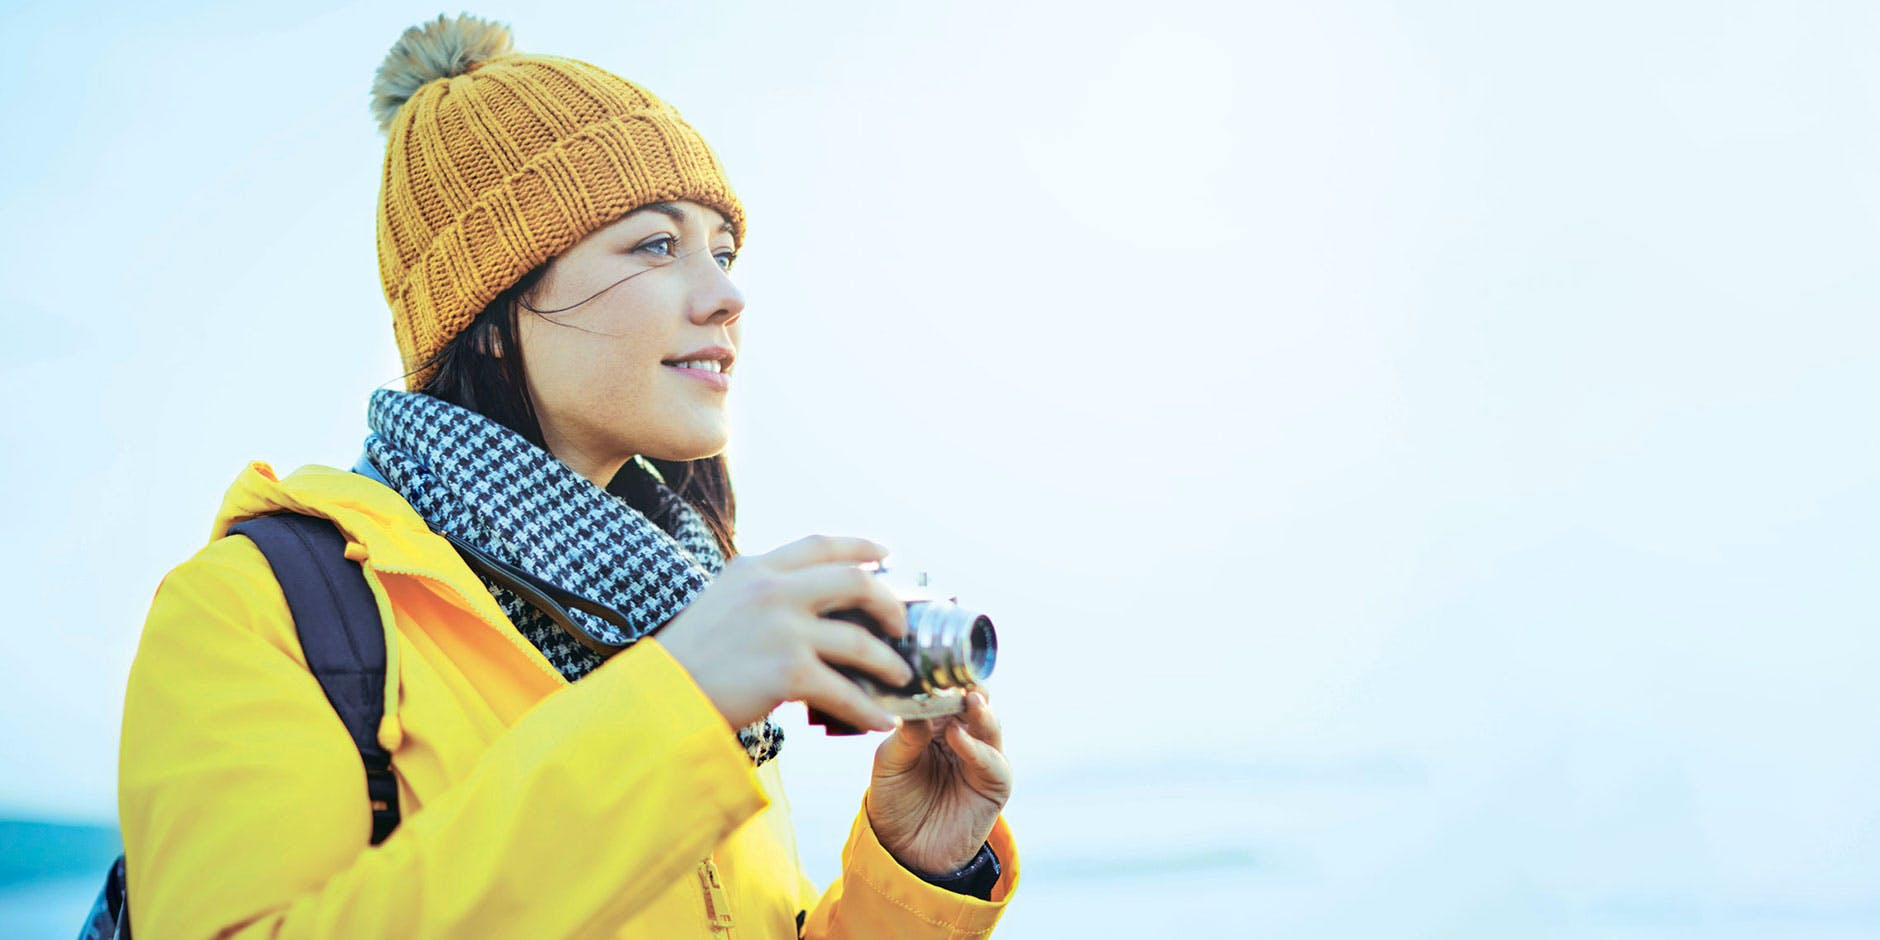 La xylométazoline est un décongestionnant qui soulage la congestion nasale en quelques minutes et permet à une femme de prendre une photo plus facilement à l'extérieur